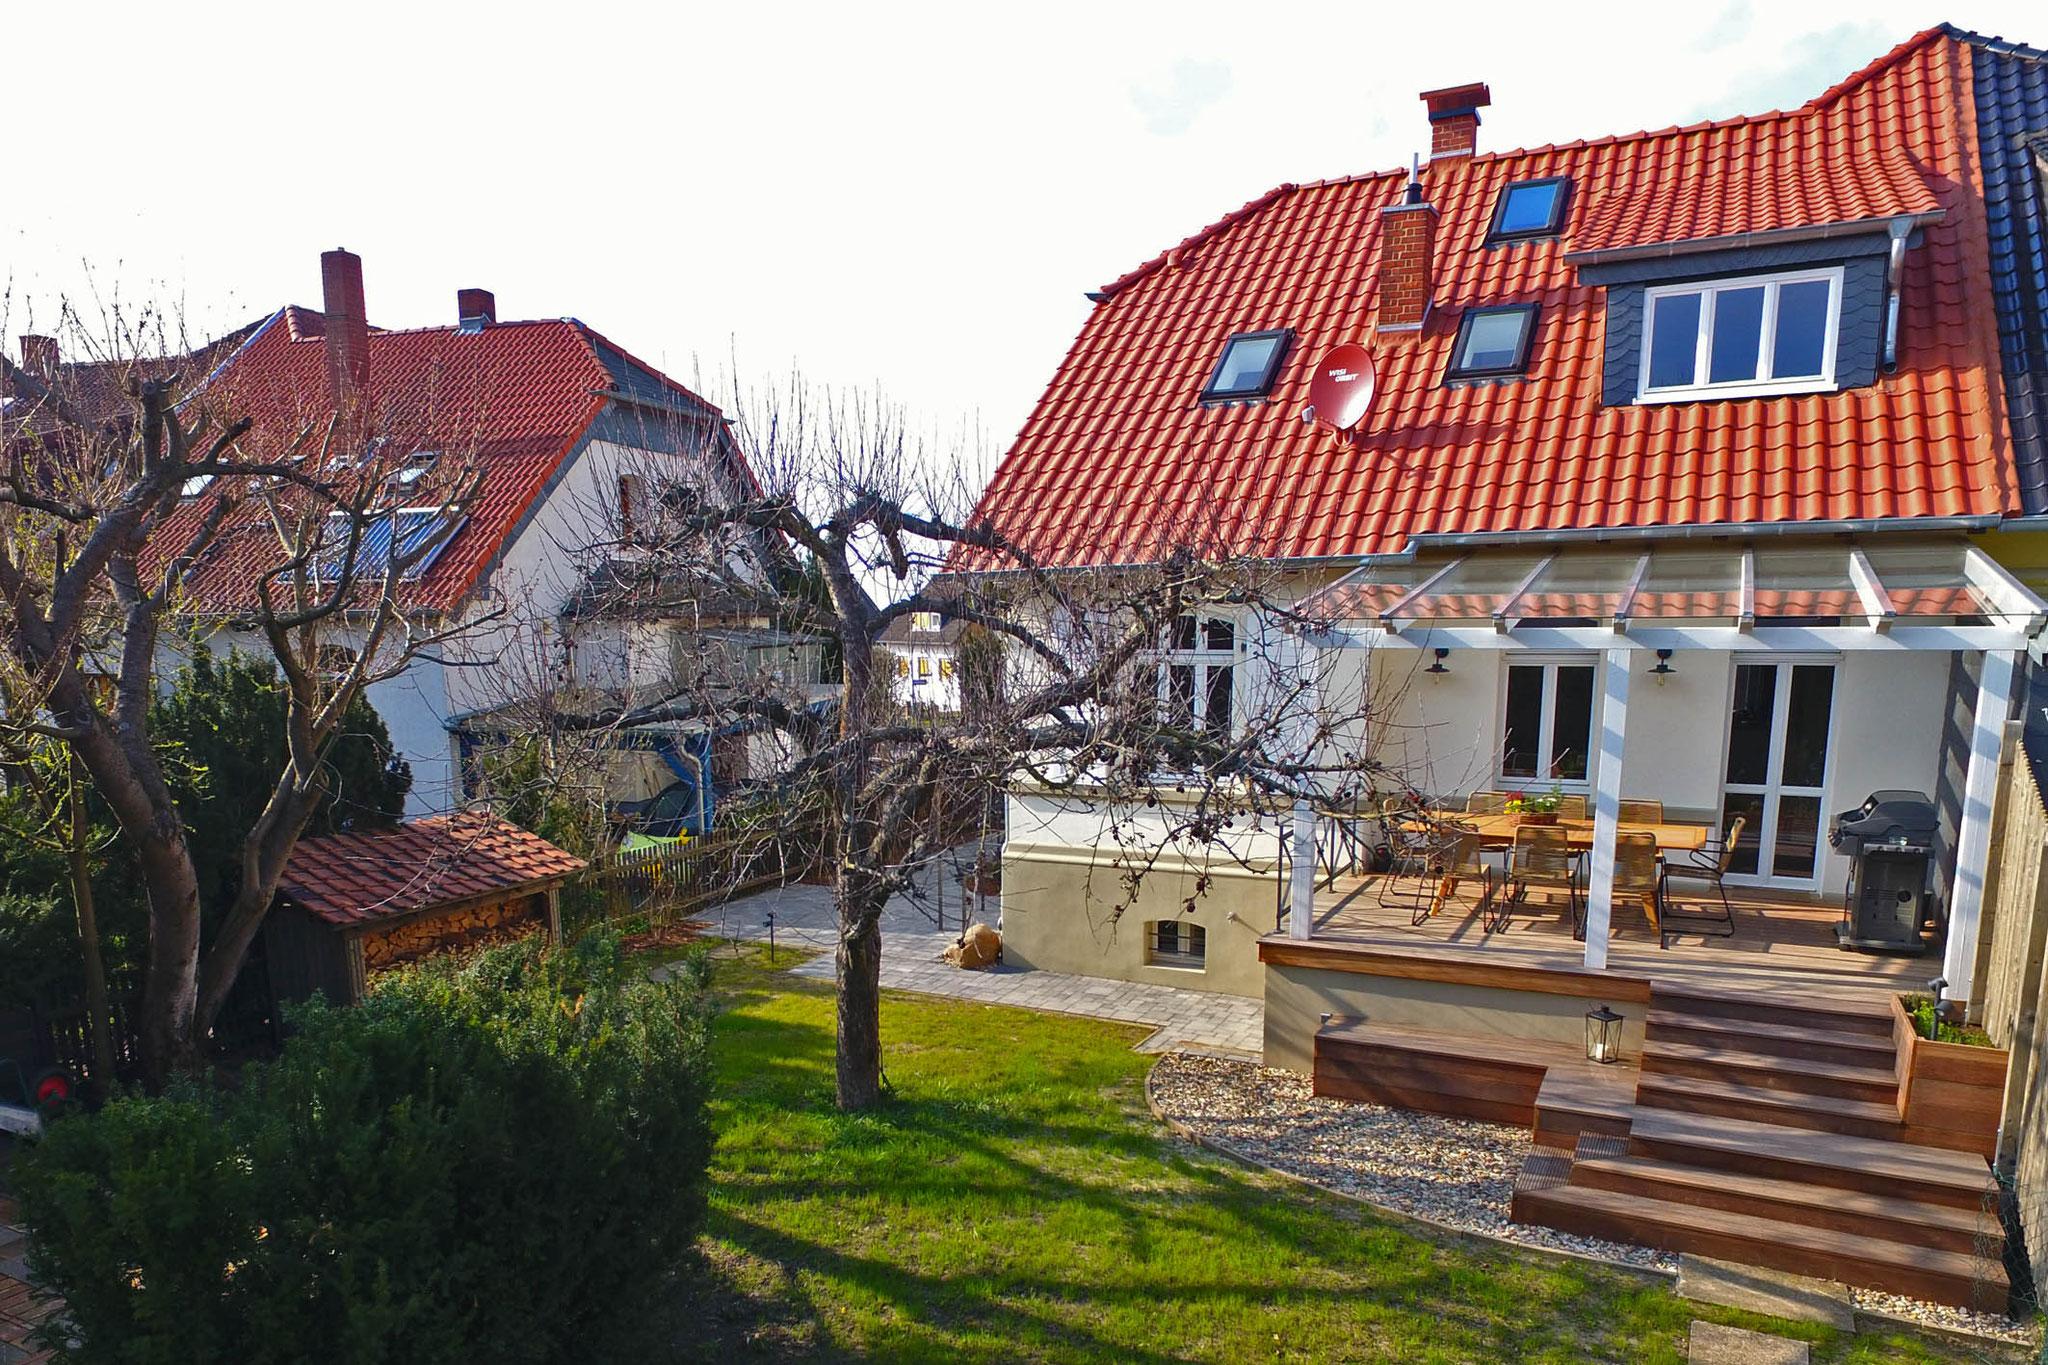 1899 - Ferienhaus in Wittmar / Gartenansicht